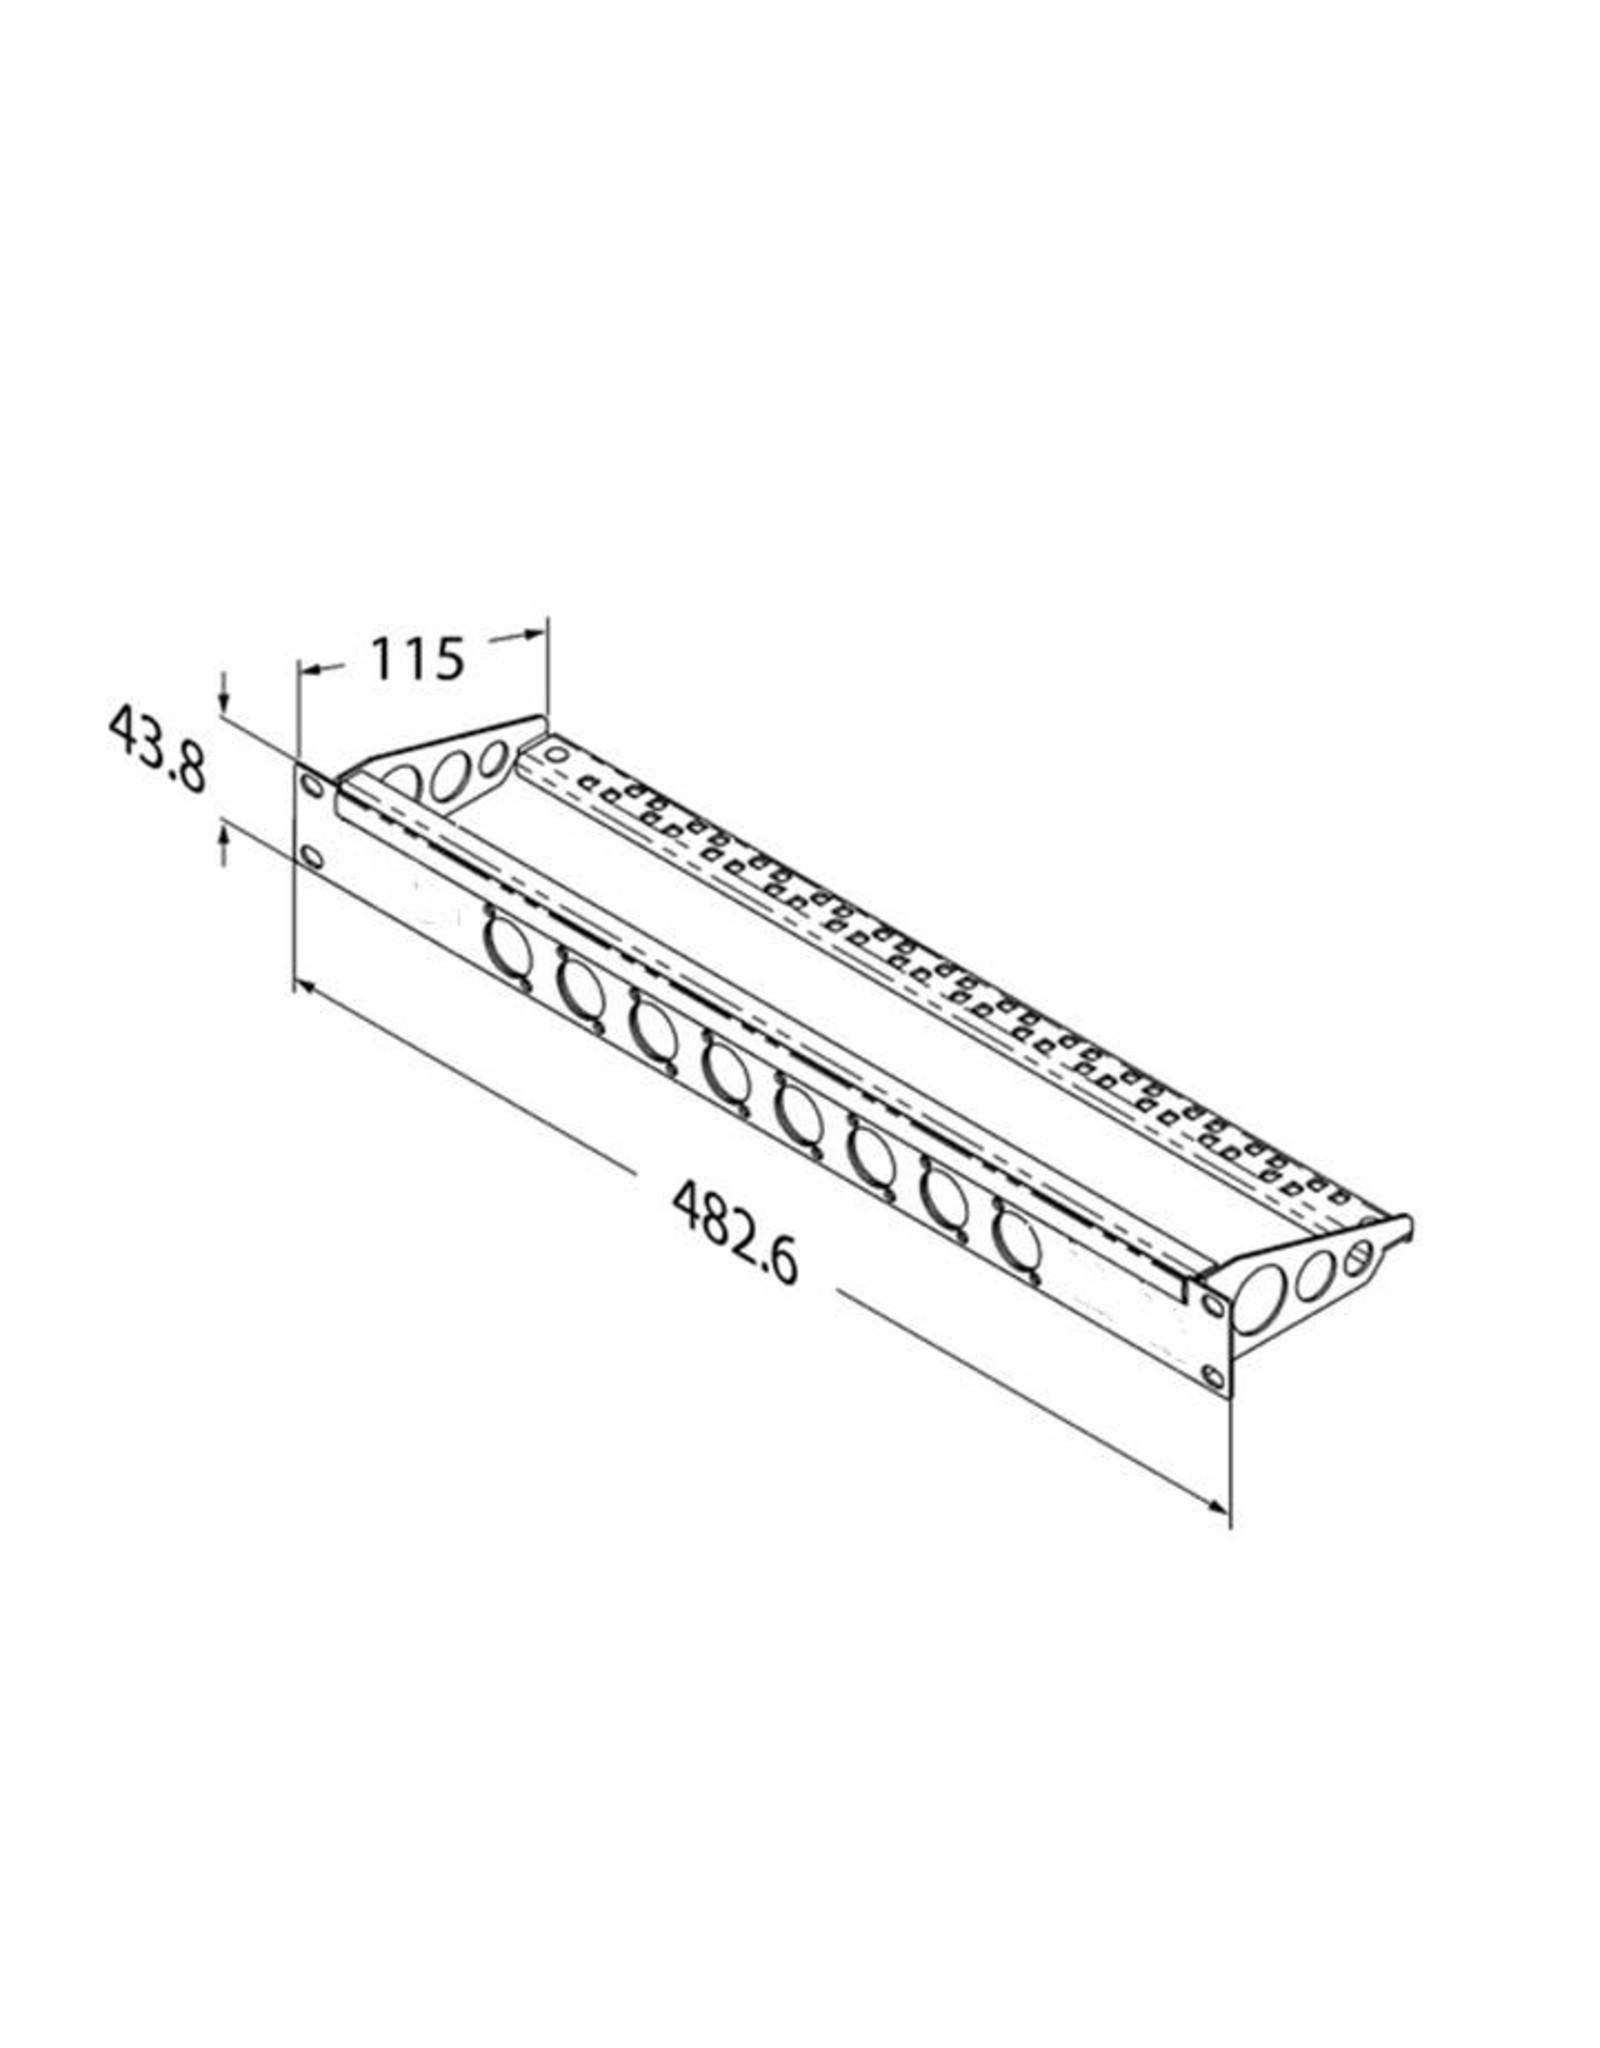 Penn Elcom Penn Elcom frontplaat, 8 gaten Neutrik D, voor MDLX-serie, staal, 1 HE, met kabelsupport